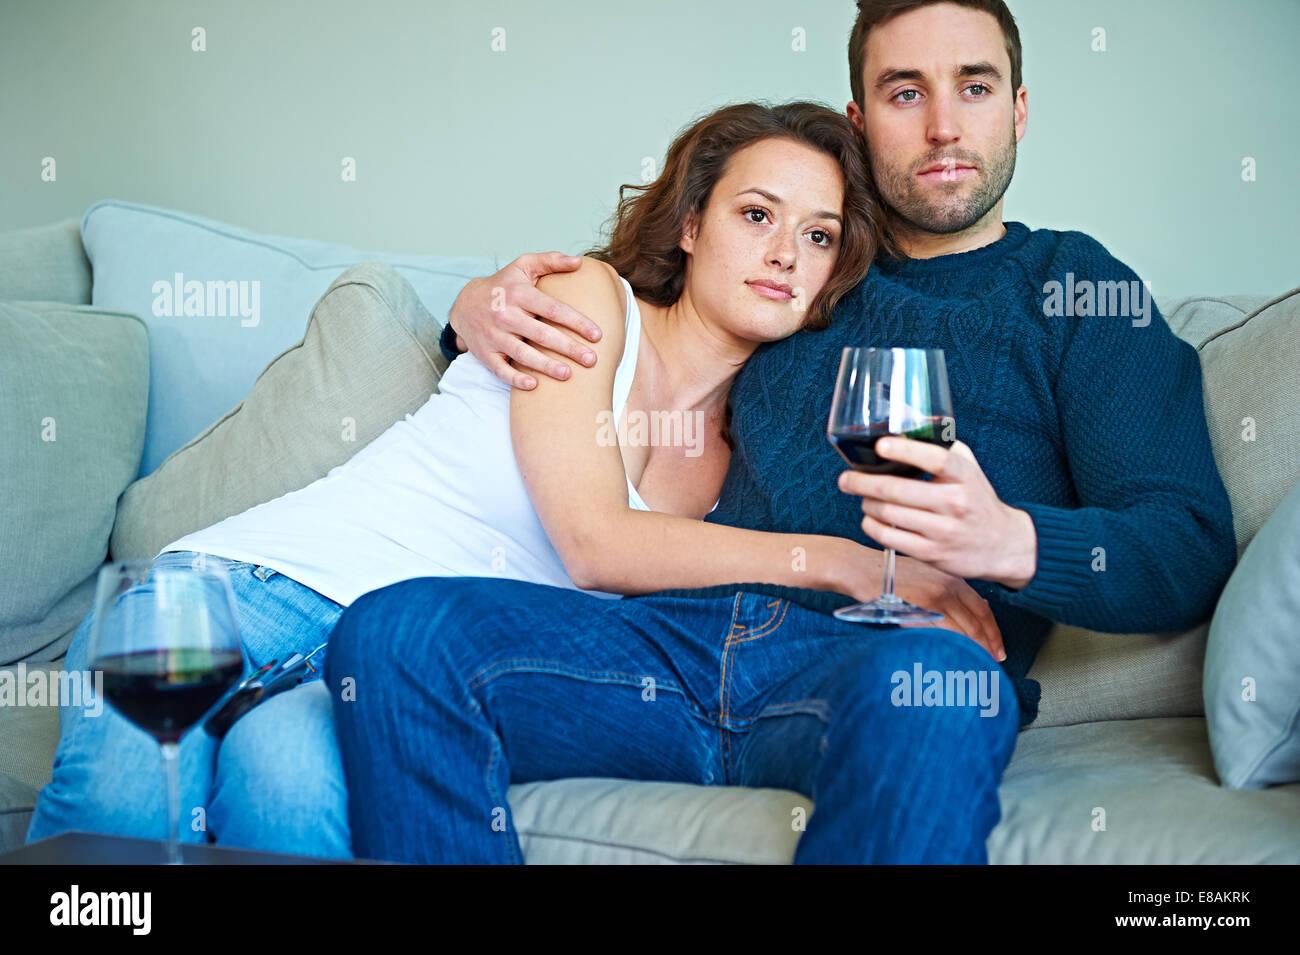 Pareja disfrutando del vino en el sofá Imagen De Stock